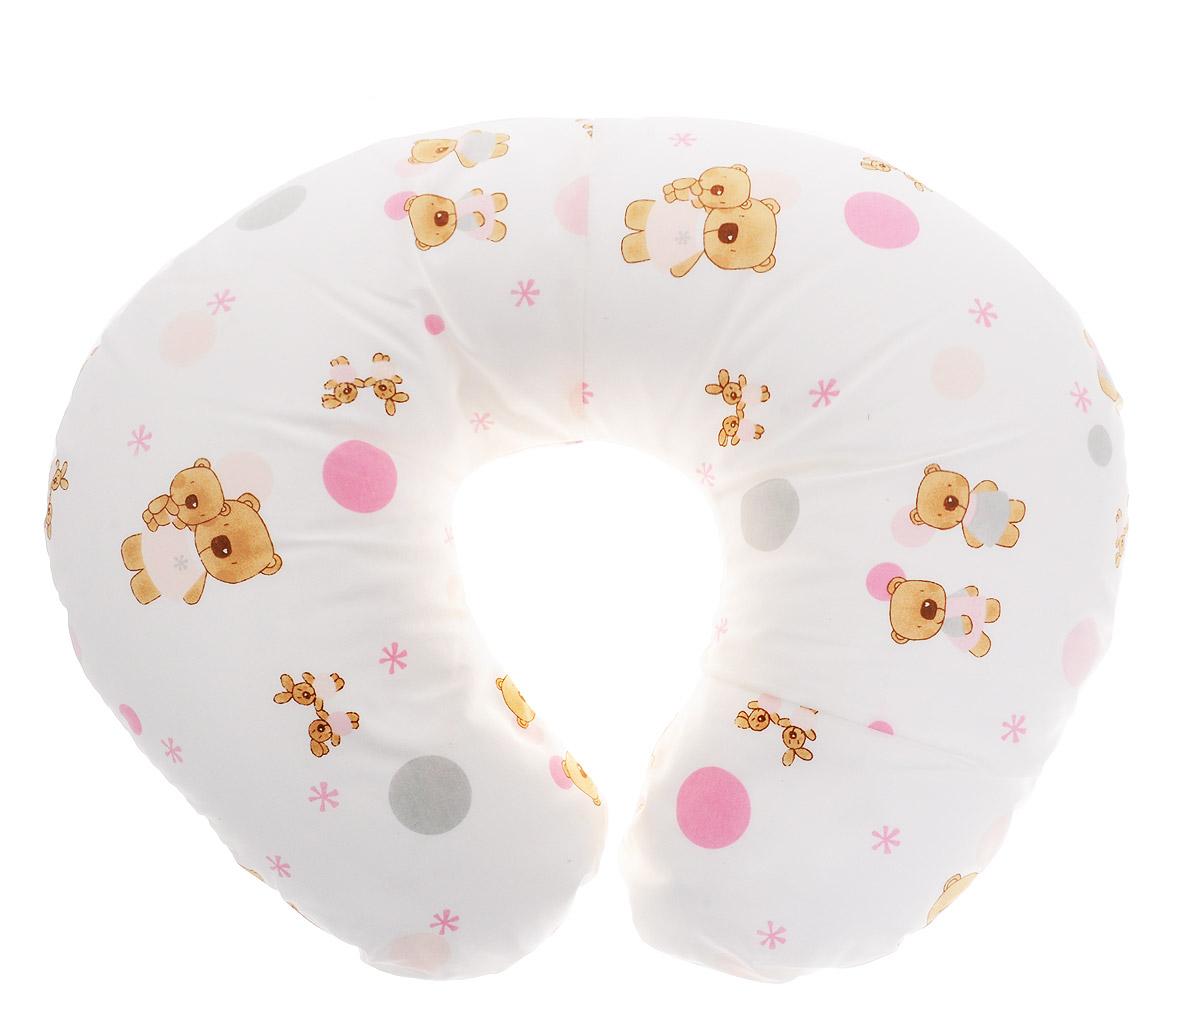 Plantex Подушка для кормящих и беременных мам Comfy Small Мишка и Зайцы53/008-PDМногофункциональная подушка Plantex Comfy Small. Мишка и Зайцы идеальна для удобства ребенка и его родителей. Зачастую именно эта модель называется подушкой для беременных. Ведь она создана именно для будущих мам с учетом всех анатомических особенностей в этот период. На любом сроке беременности она бережно поддержит растущий животик и поможет сохранить комфортное и безопасное положение во время сна.Подушка идеально подходит для кормления уже появившегося малыша. Позже многофункциональная подушка поможет ему сохранить равновесие при первых попытках сесть.Чехол подушки выполнен из 100% хлопка и снабжен застежкой-молнией, что позволяет без труда снять и постирать его. Наполнителем подушки служат полистироловые шарики - экологичные, не деформируются сами и хорошо сохраняют форму подушки.Подушка для кормящих и беременных мам Plantex Comfy Small.Мишка и Зайцы - это удобная и практичная вещь, которая прослужит вам долгое время.Подушка поставляется в сумке-чехле.При использовании рекомендуется следующий уход: наволочка - машинная стирка и глажение, подушка с наполнителем - ручная стирка.